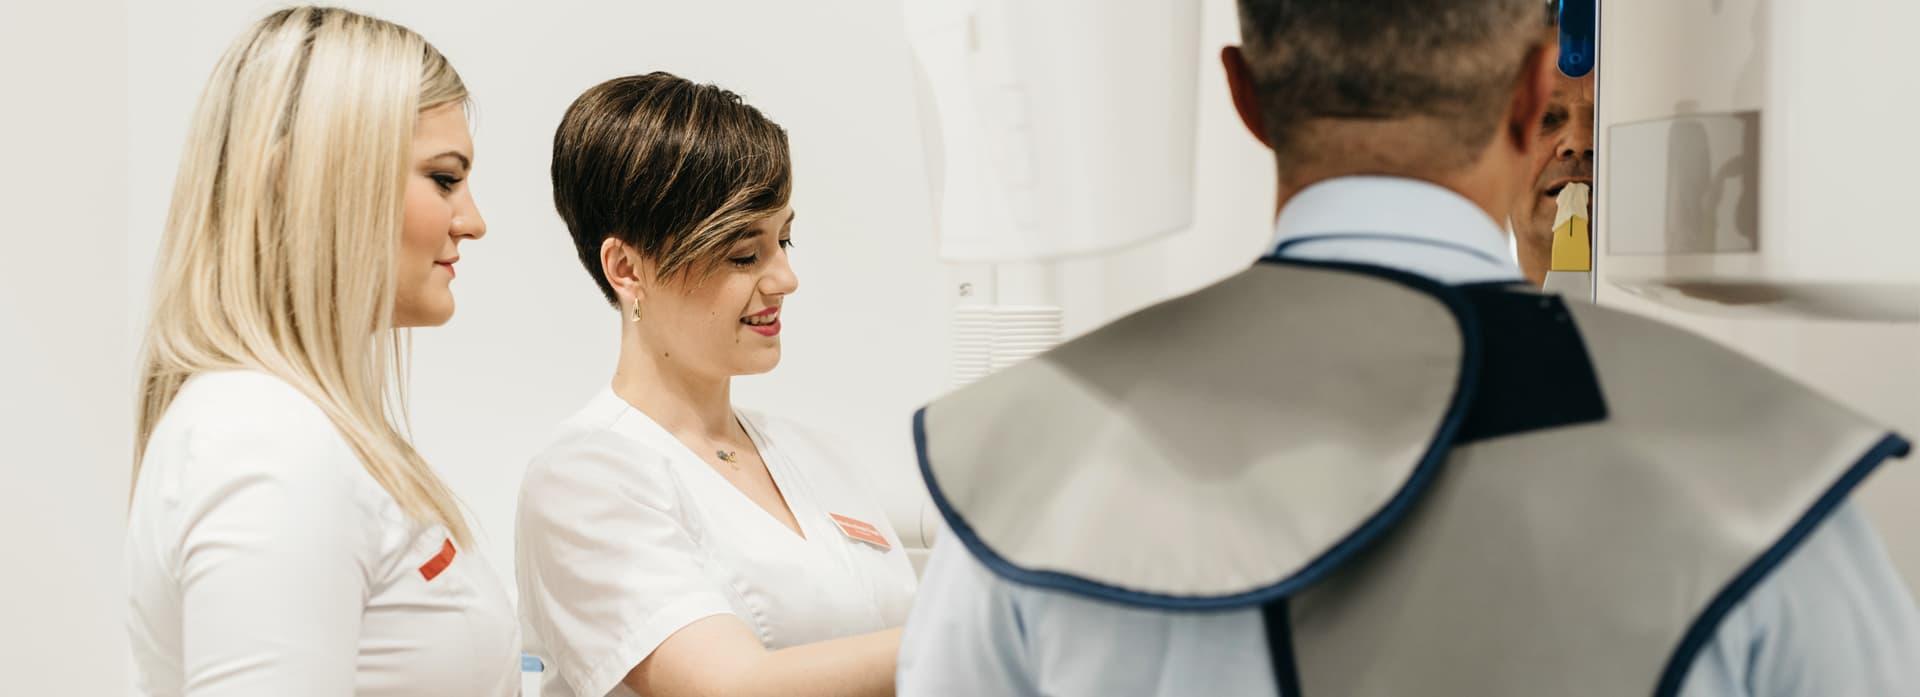 Ortopan Zagreb | Slikanje zuba | Štimac centar dentalne medicine